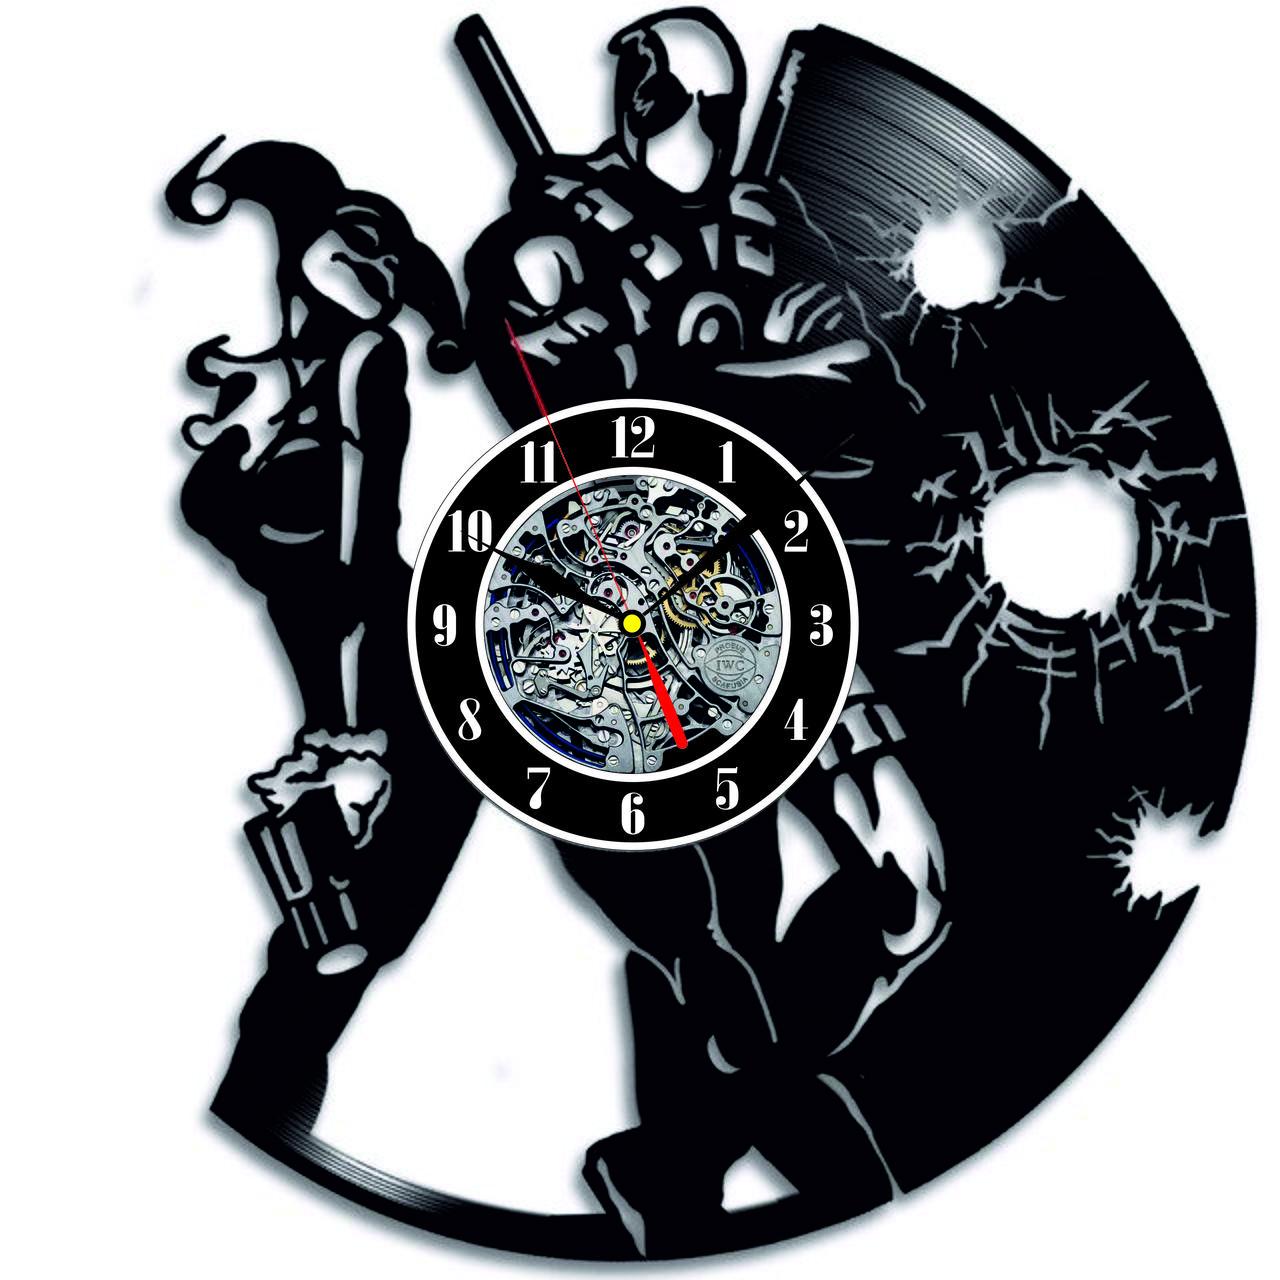 Настенные часы из виниловых пластинок LikeMark Deadpool